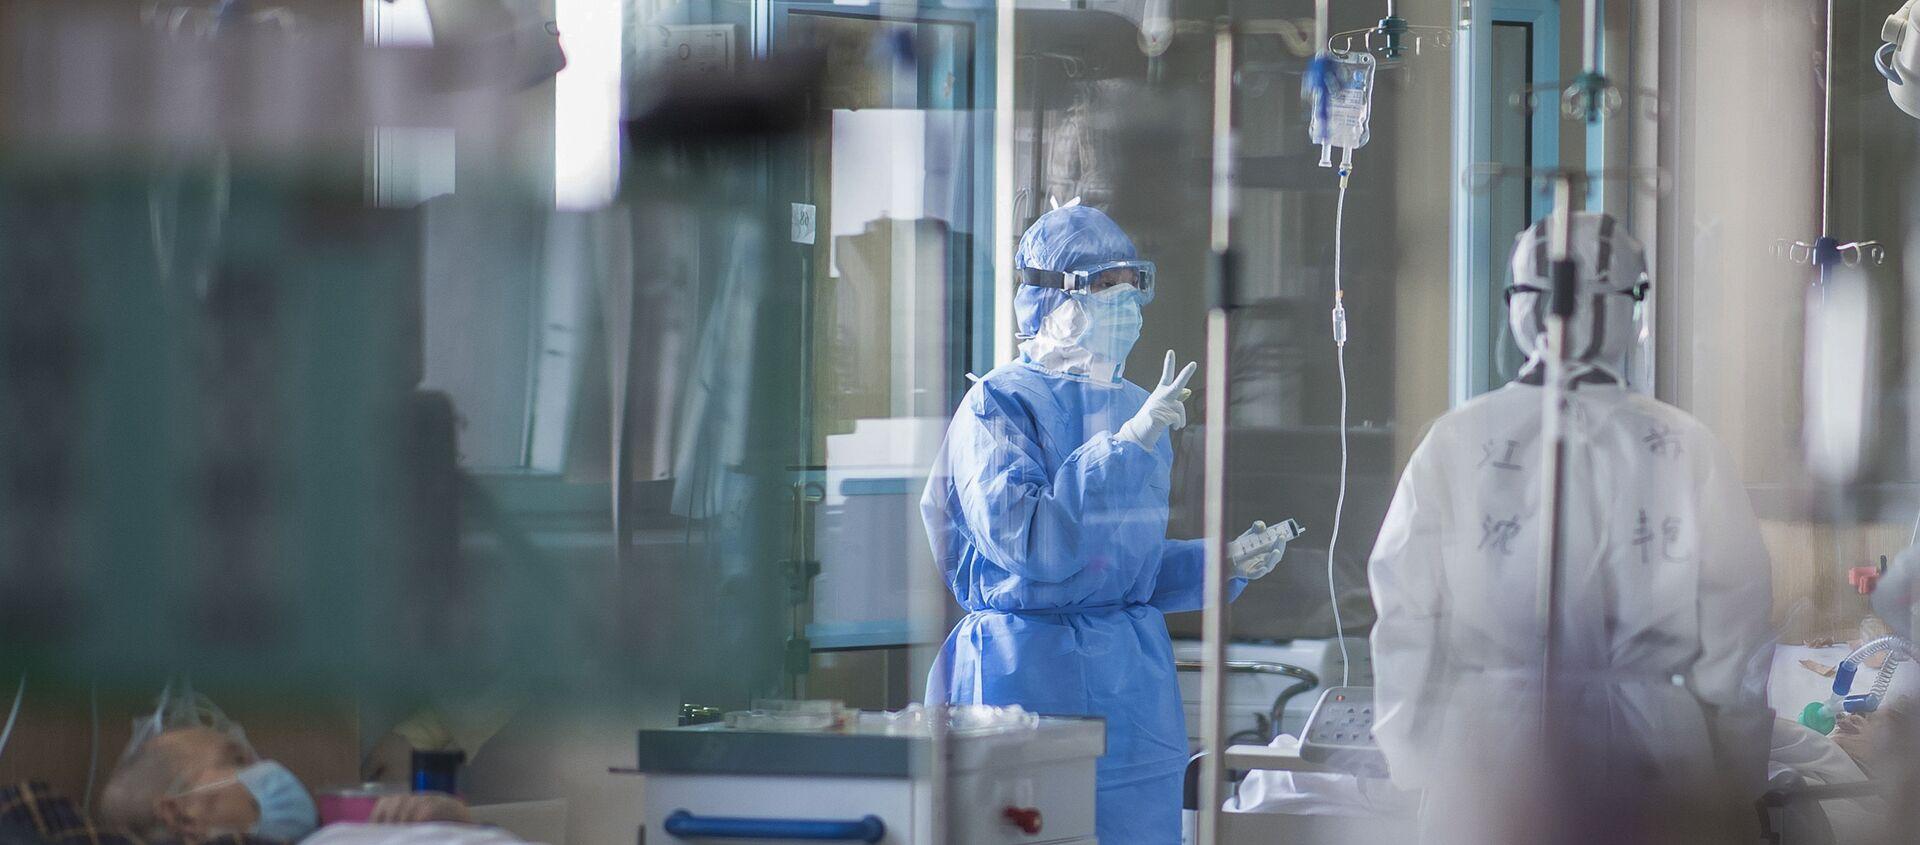 Des malades du Covid-19 dans un hôpital à Wuhan - Sputnik France, 1920, 07.07.2021